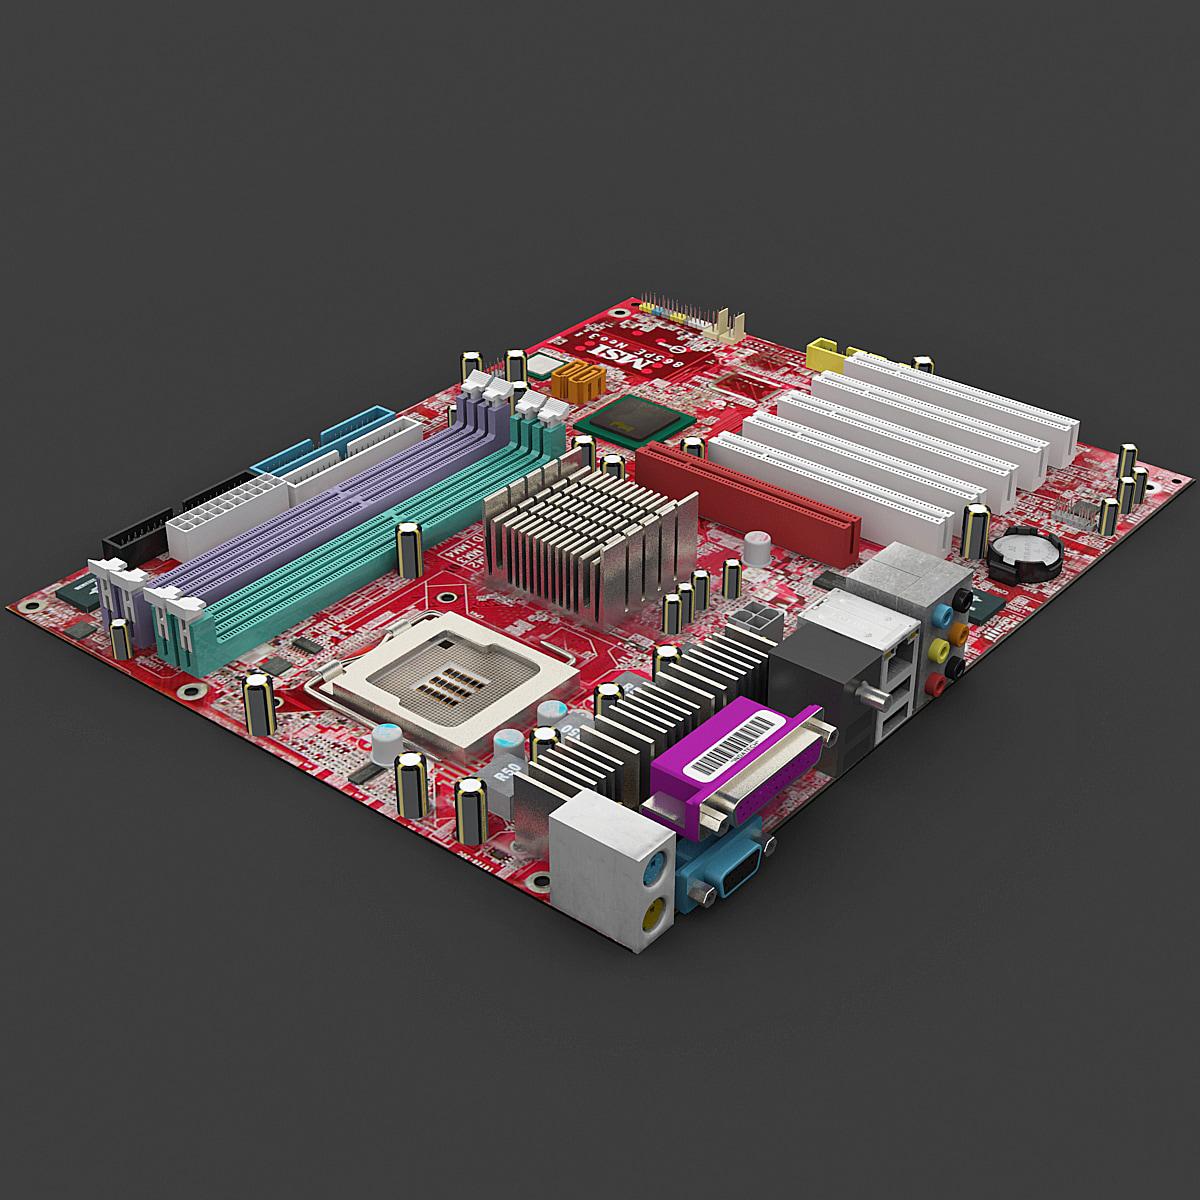 Motherboard_MSI_865PE_Neo3_001.jpg